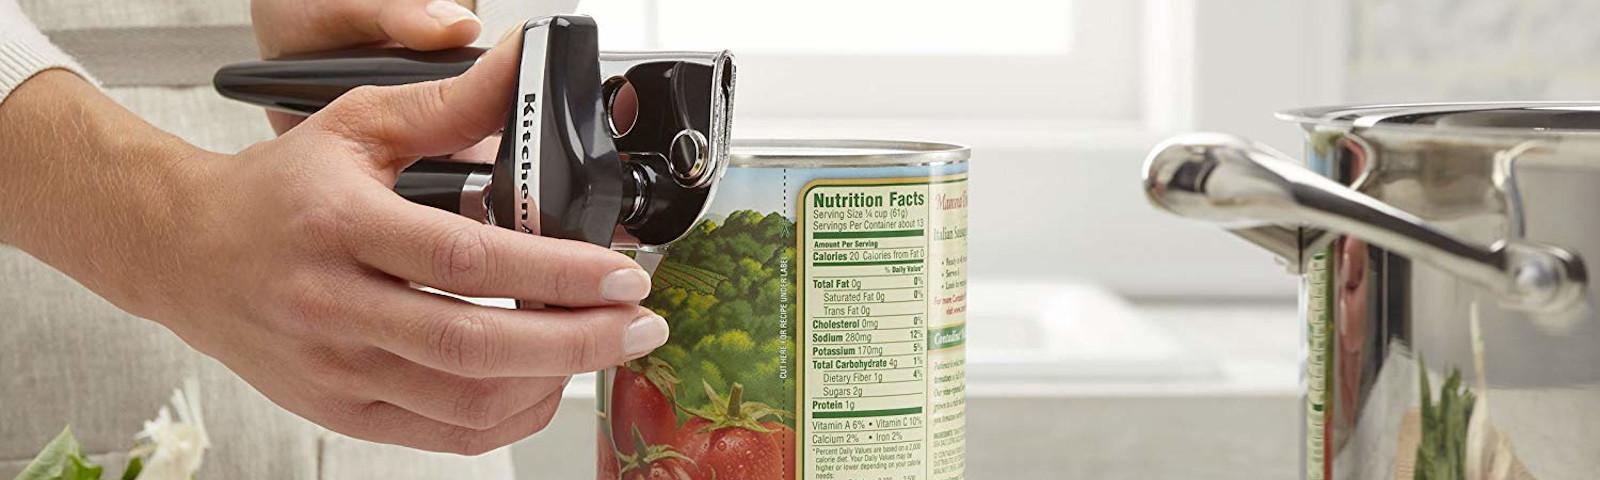 консервный нож фото